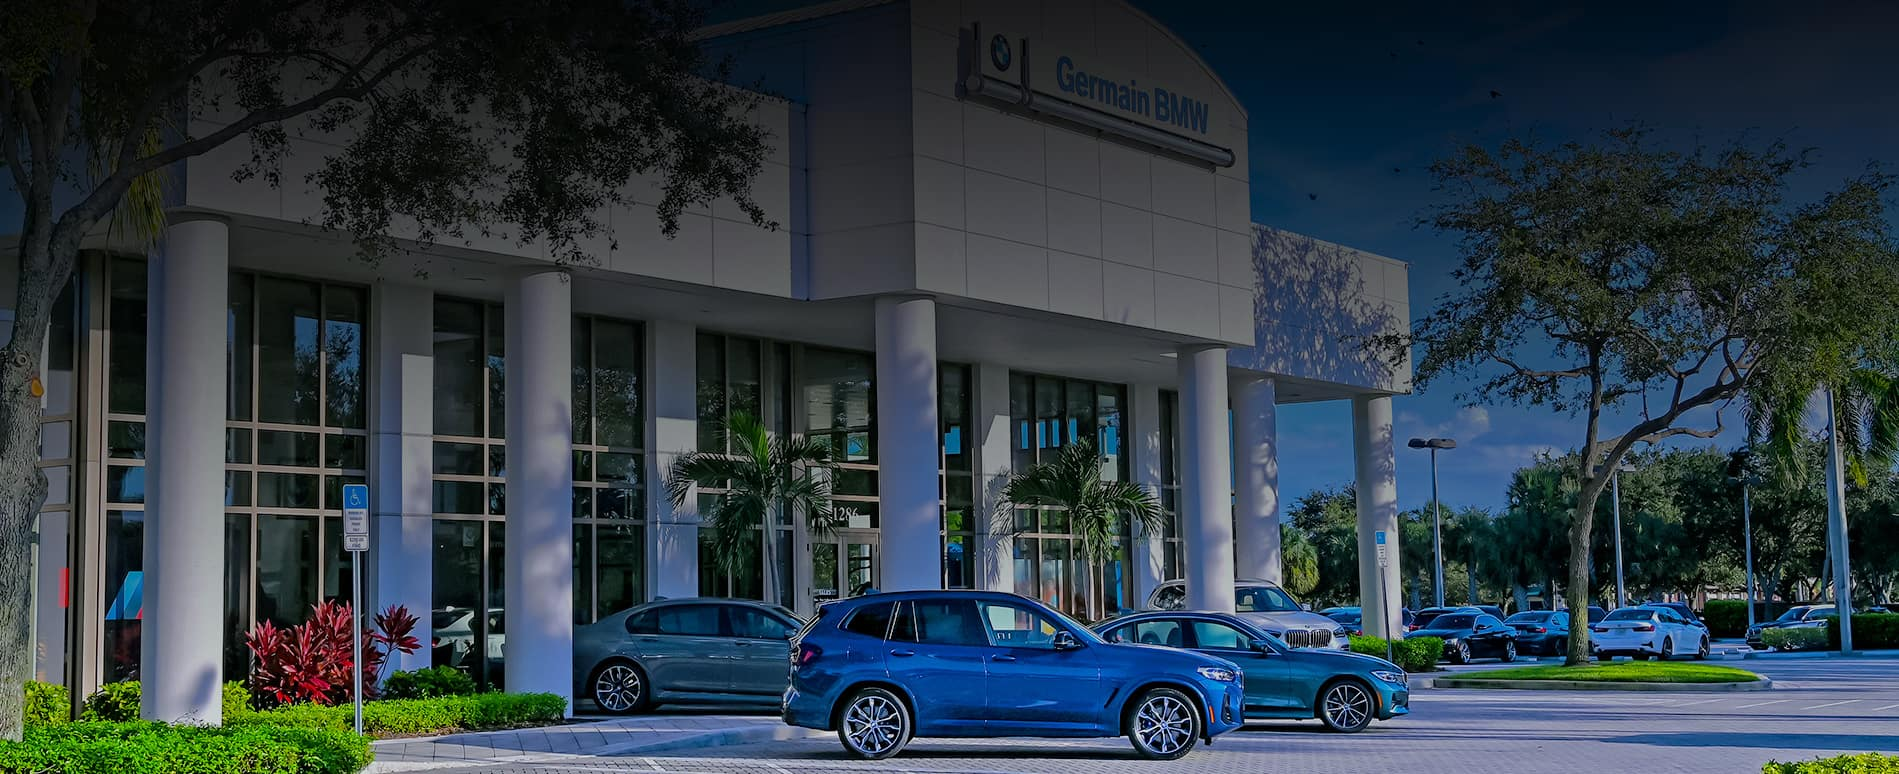 Germain BMW Center.